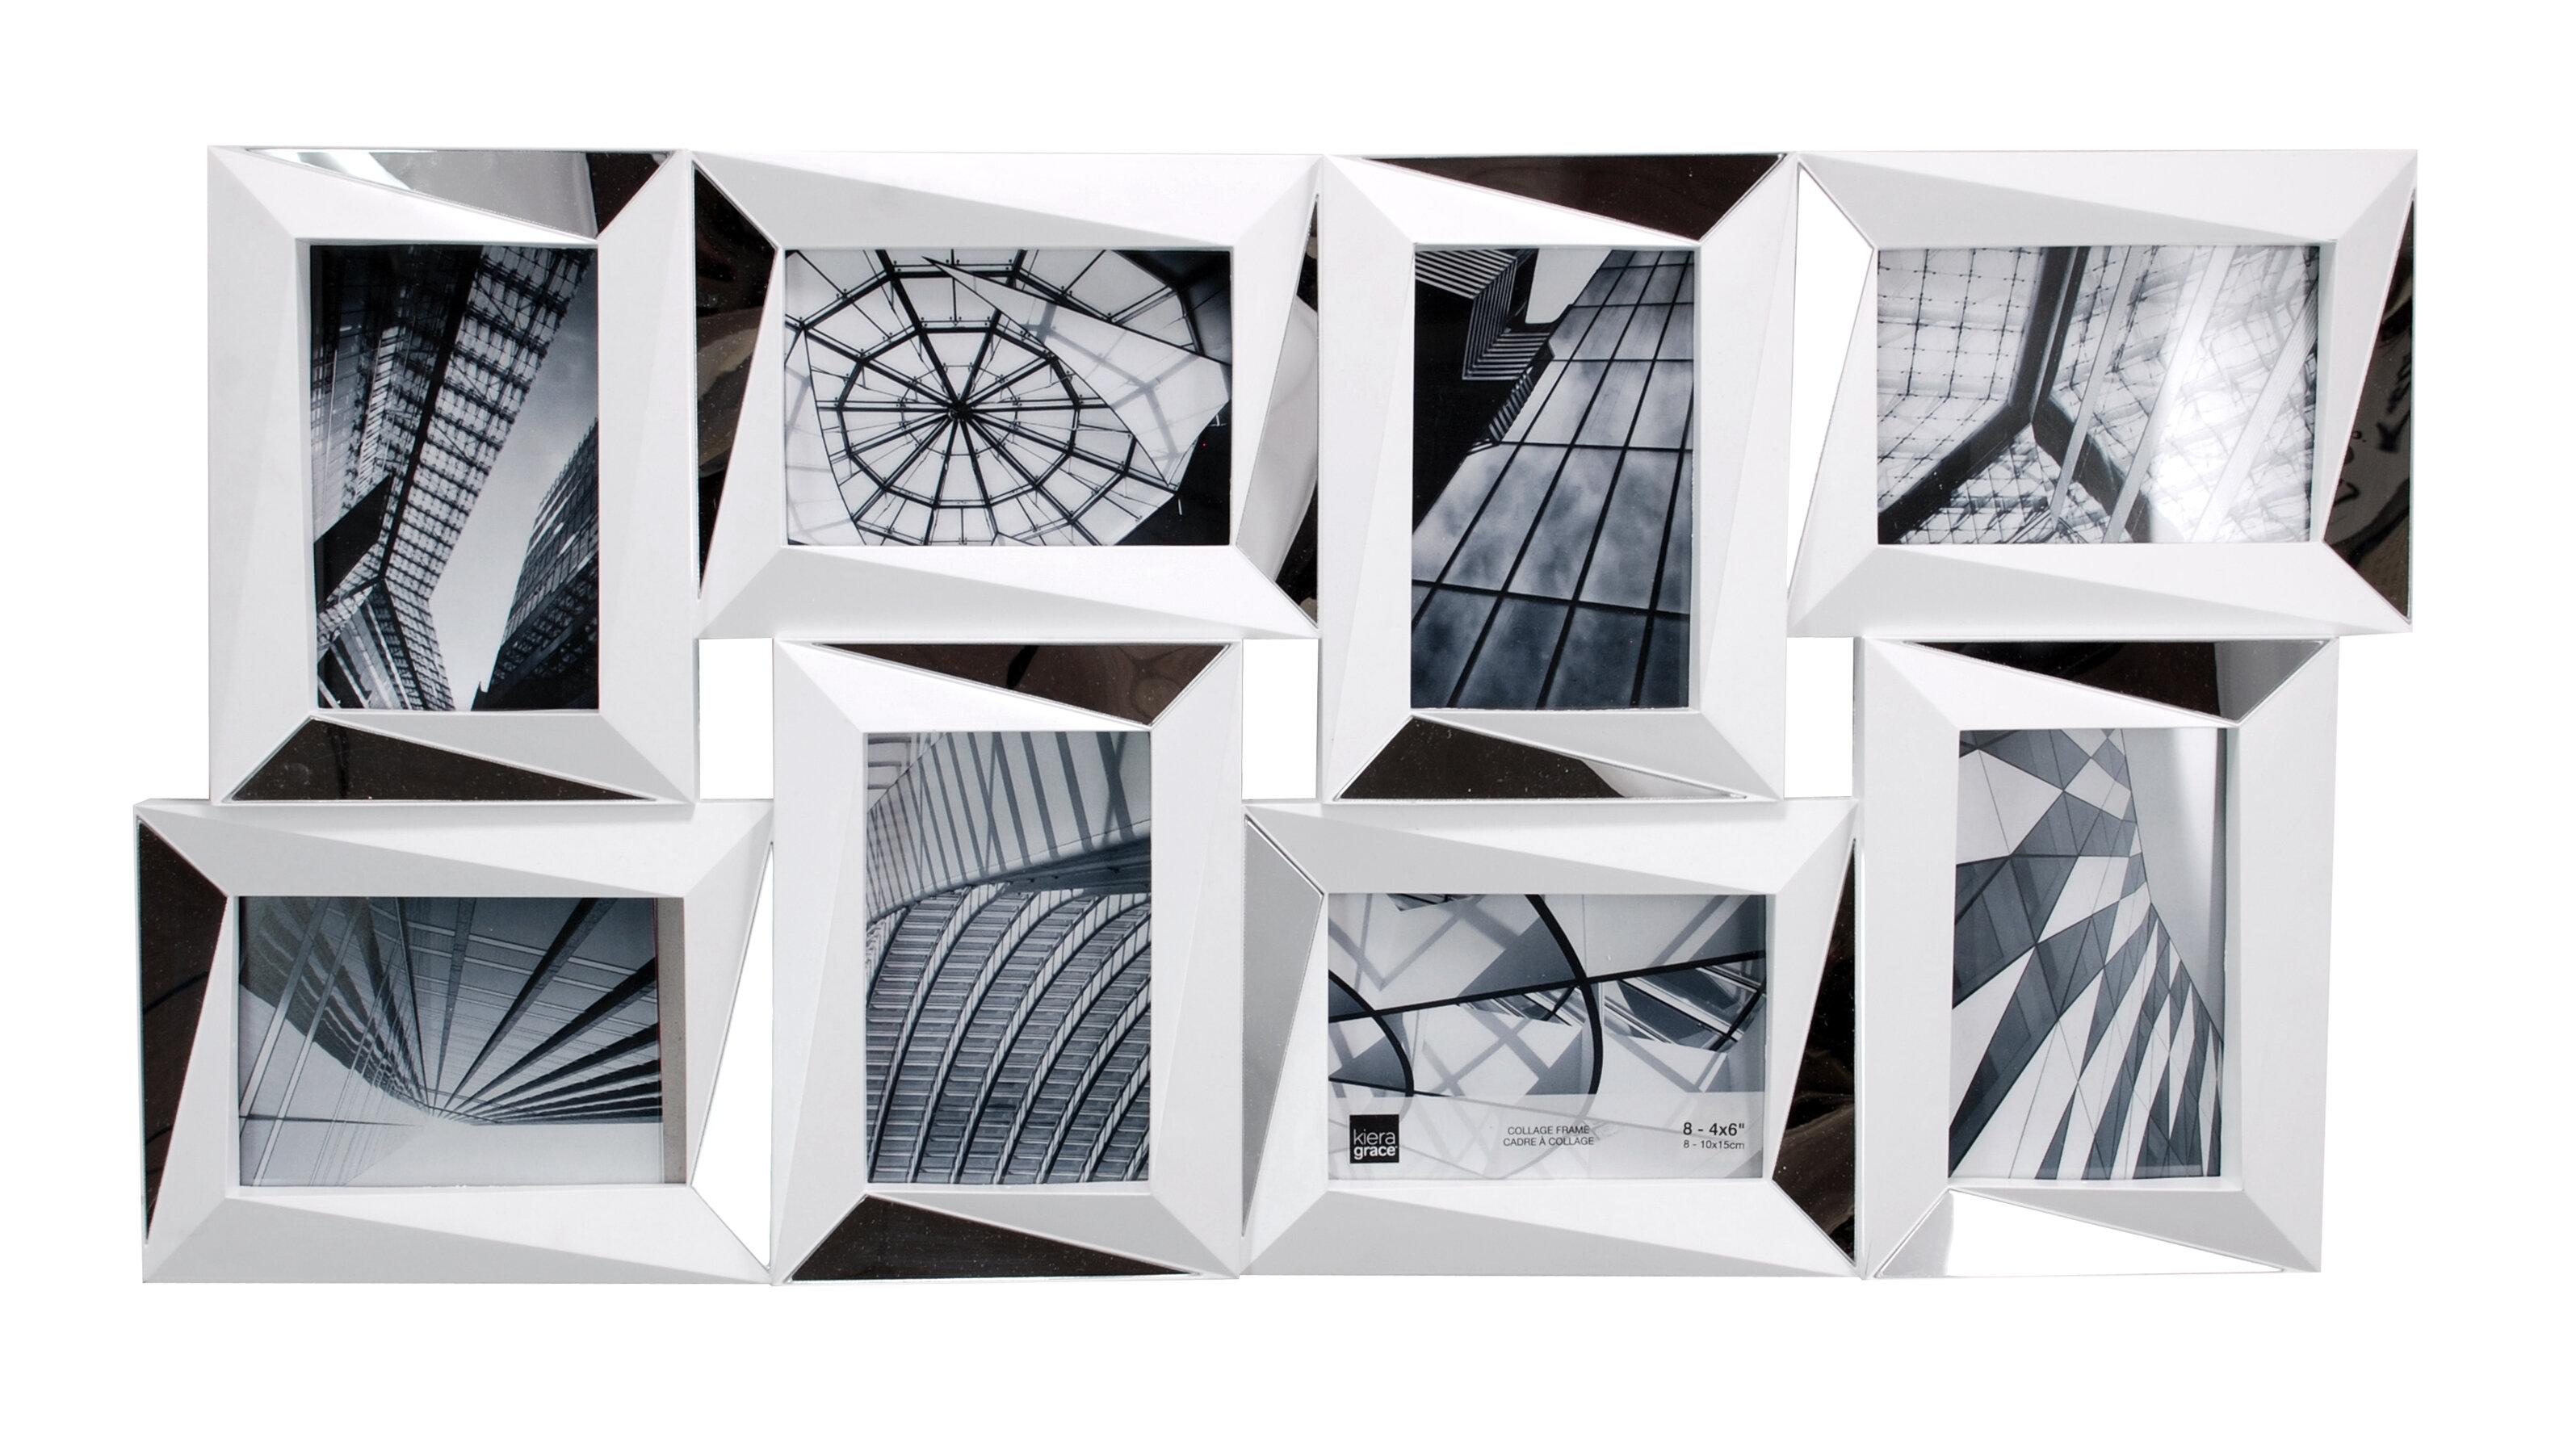 Großzügig Collage Frameset Galerie - Rahmen Ideen - markjohnsonshow.info